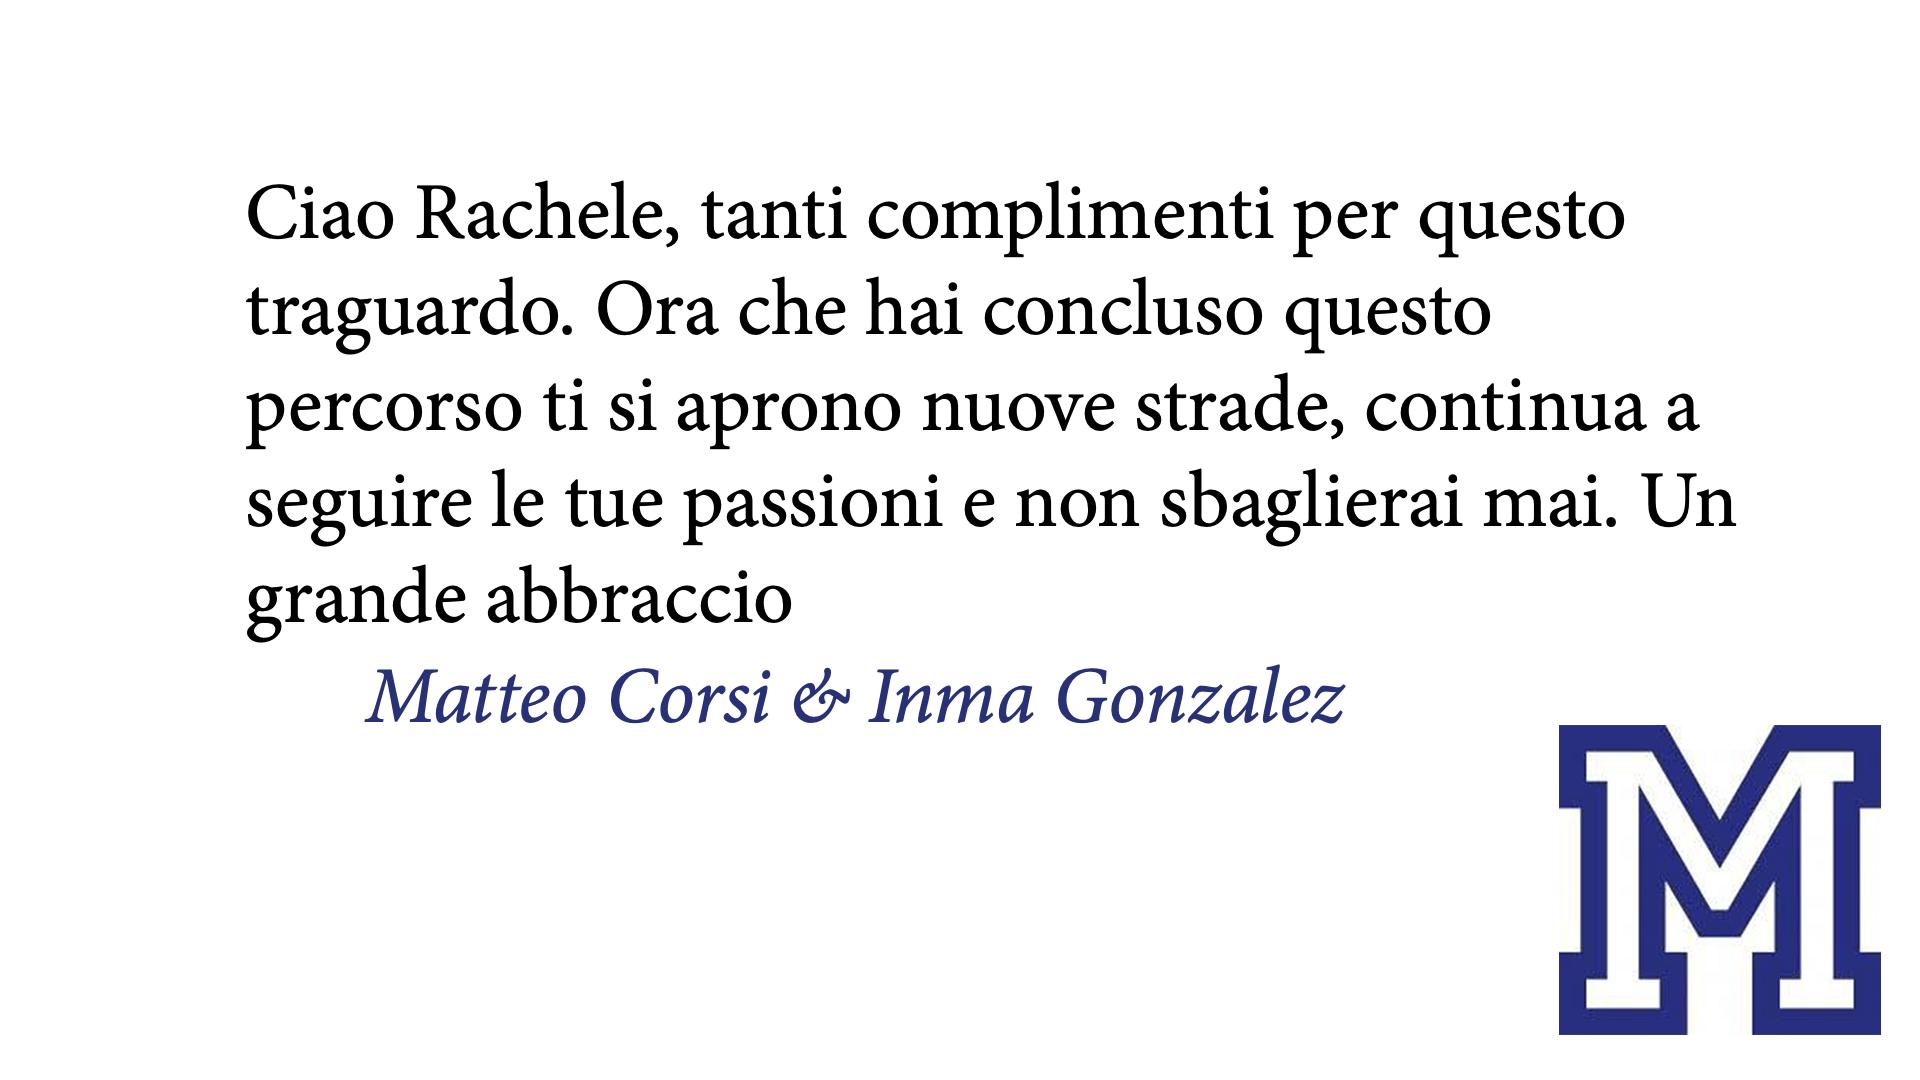 tbi_rachele-gaisie_2627.png